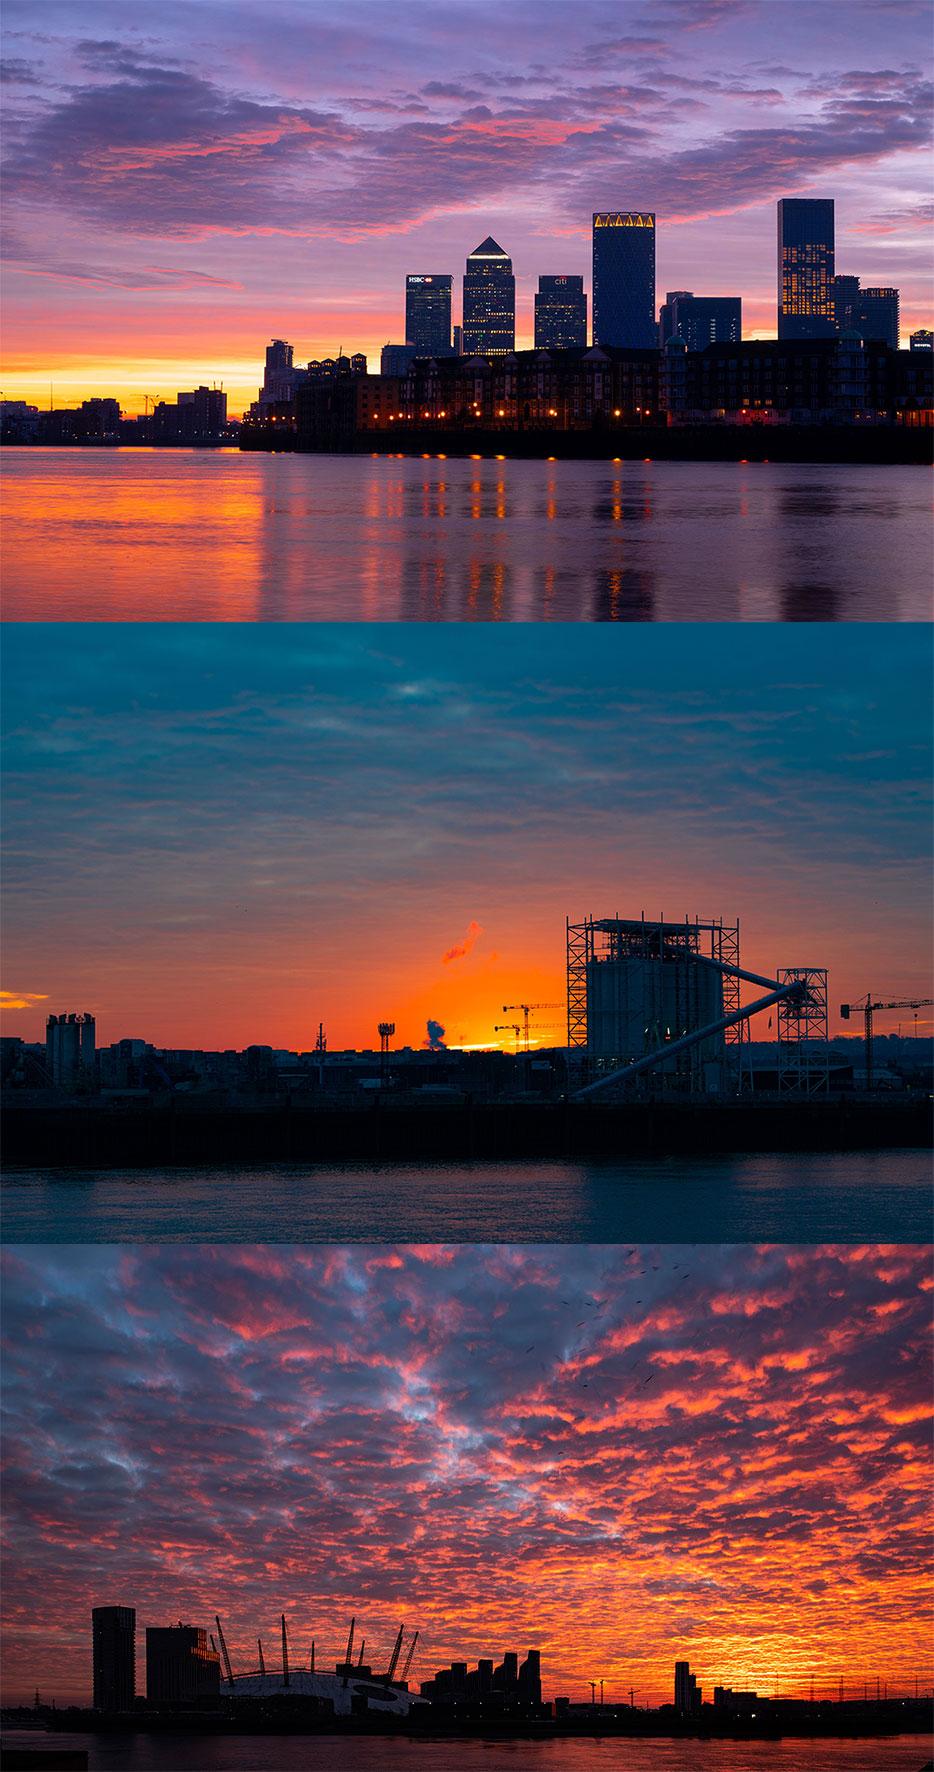 Sunsetsjpg